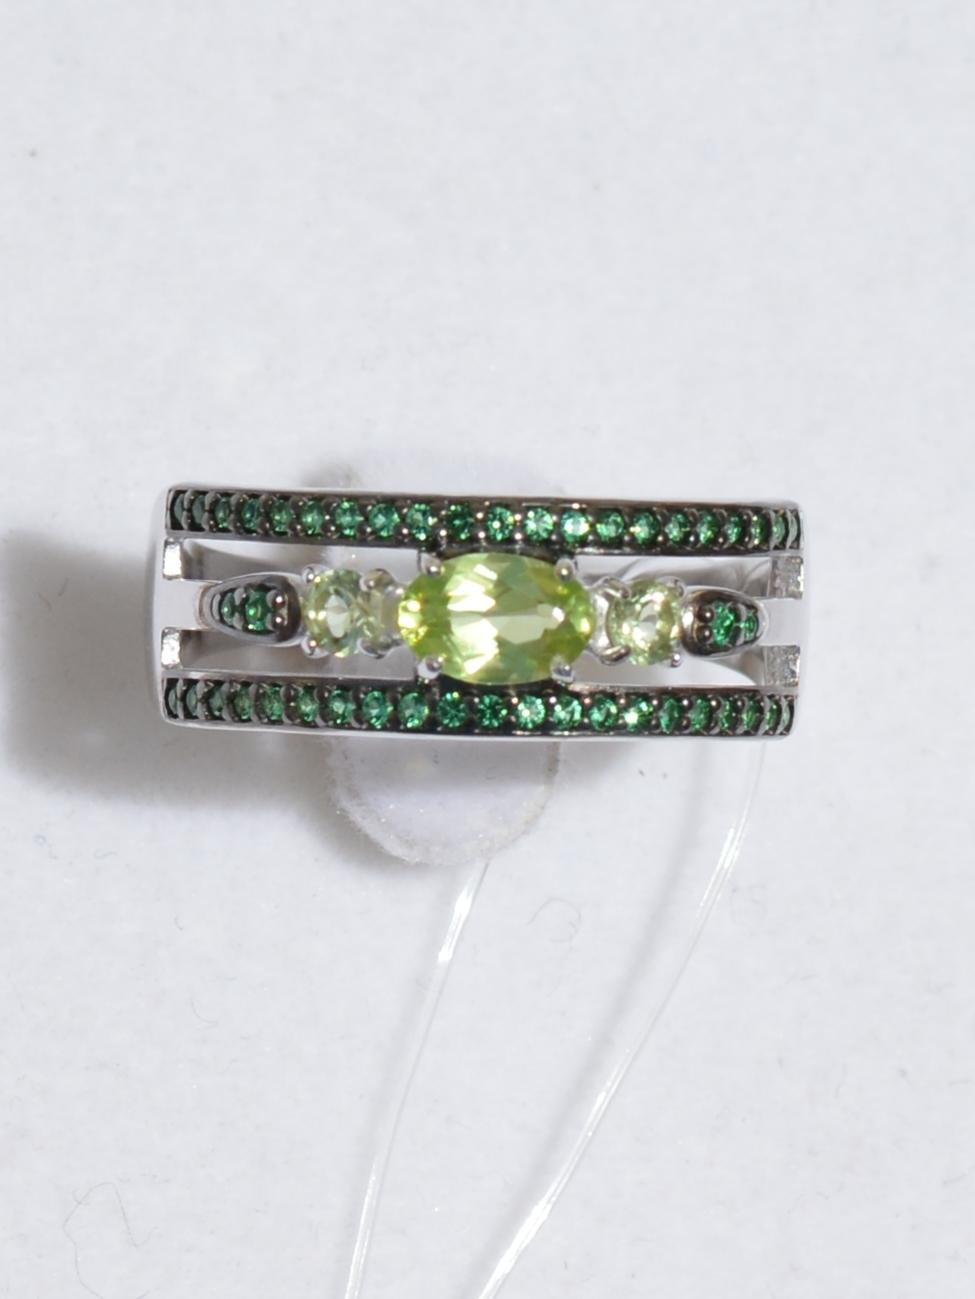 Кольцо с хризолитами (кольцо из серебра).